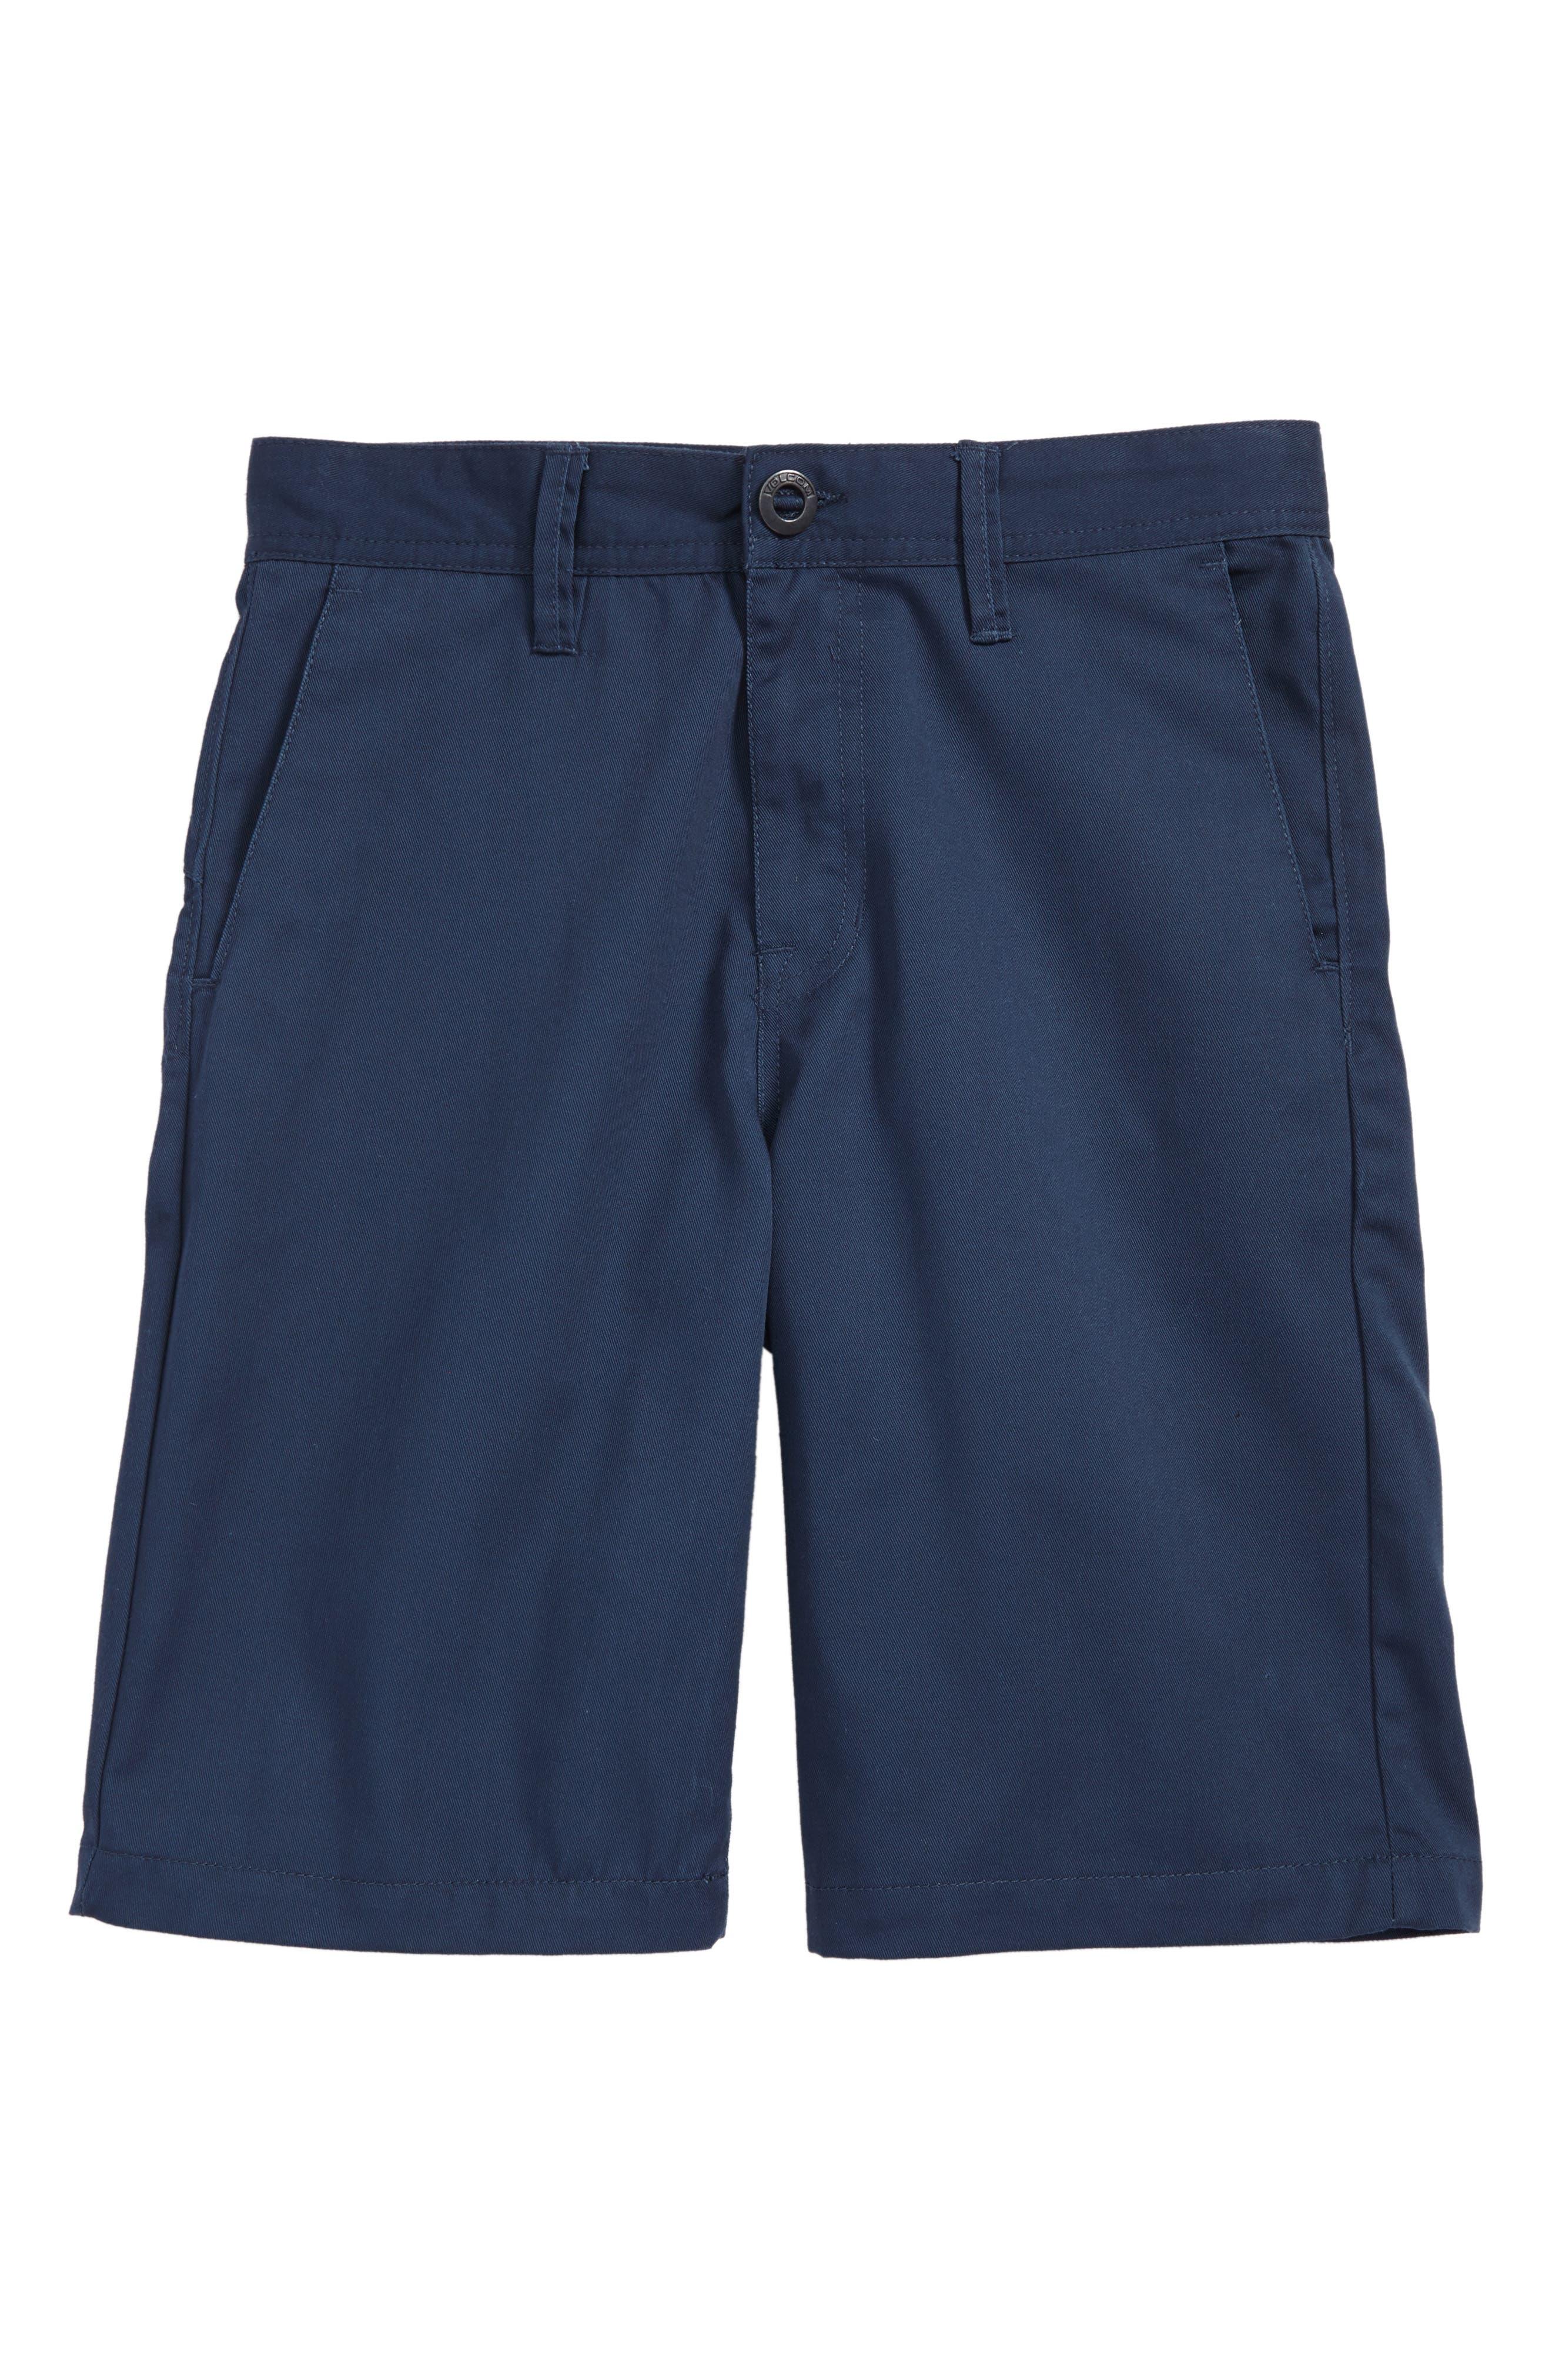 Chino Shorts,                             Main thumbnail 1, color,                             Service Blue